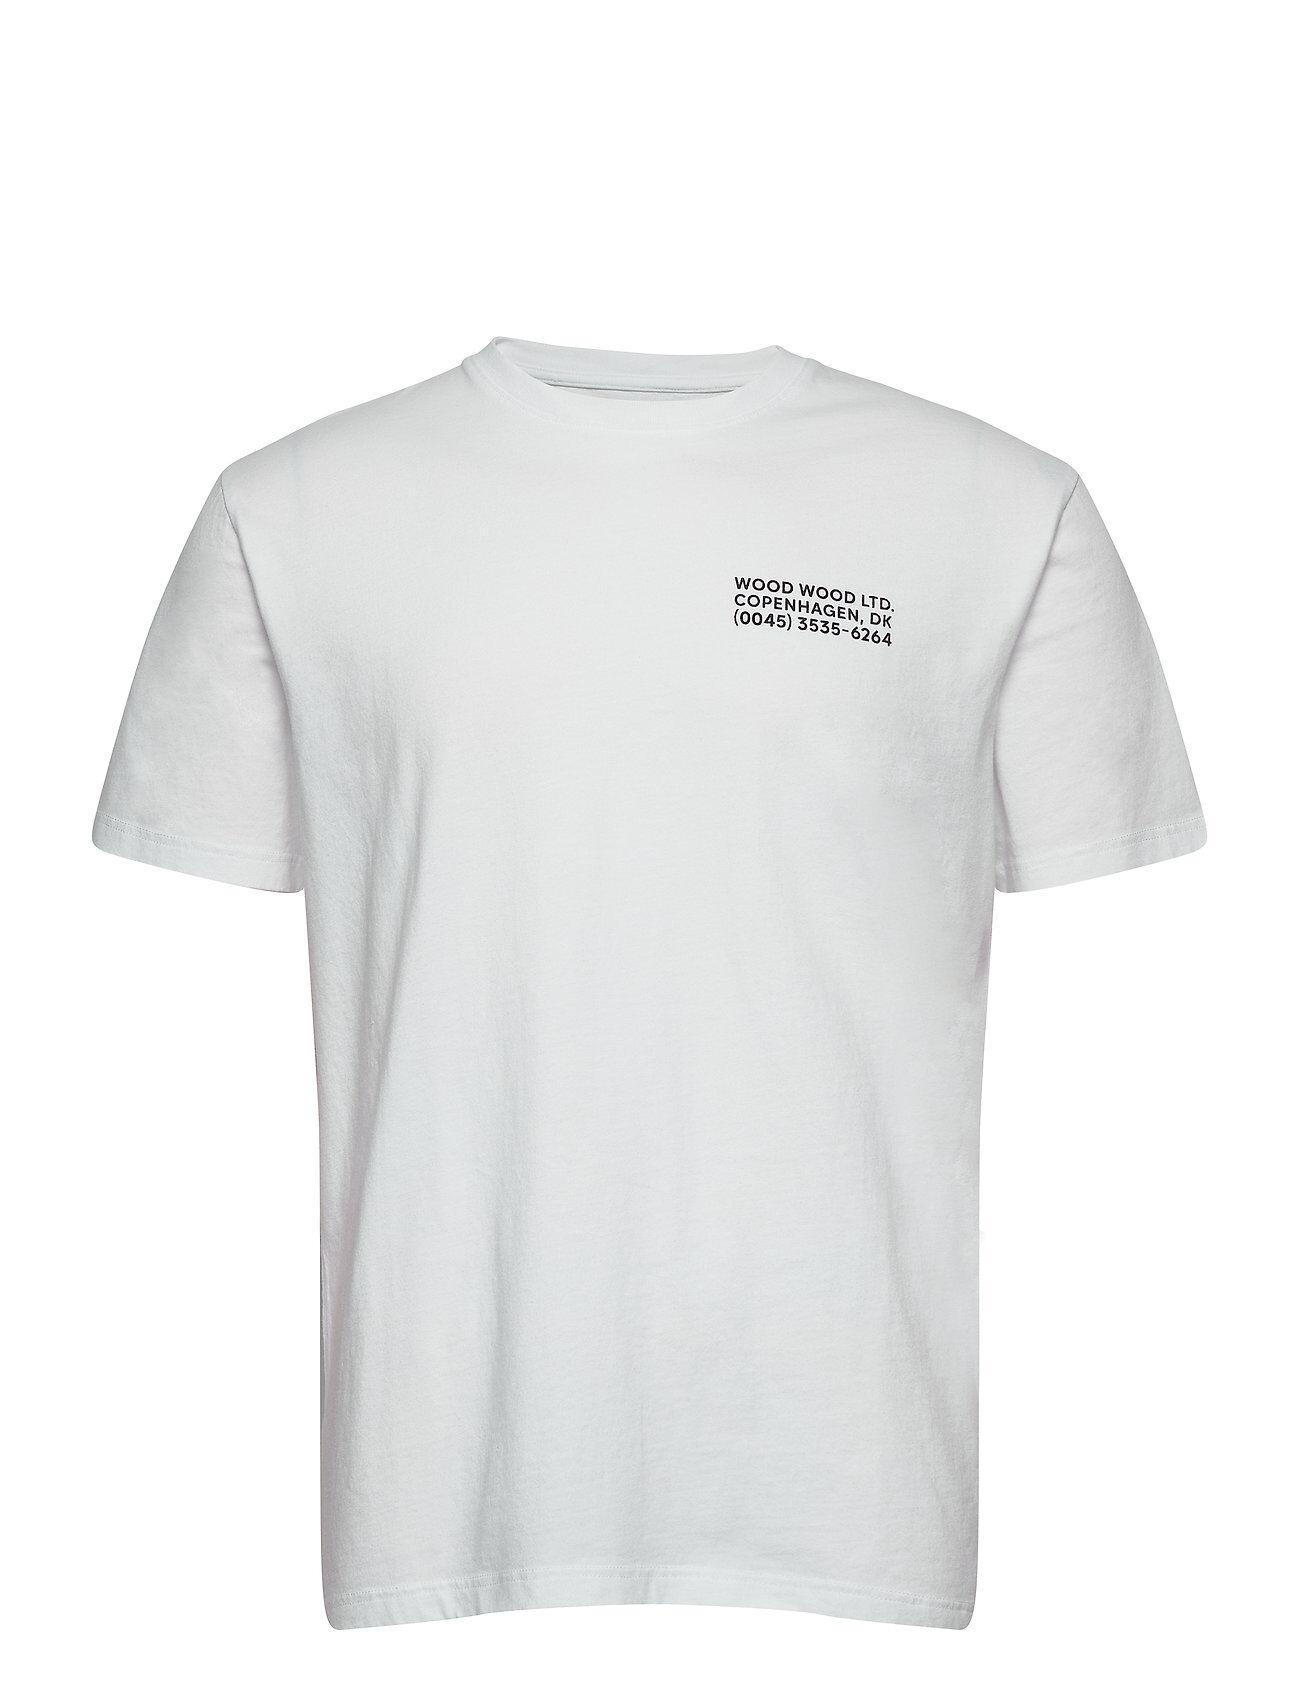 Wood Wood Info T-Shirt T-shirts Short-sleeved Vit Wood Wood